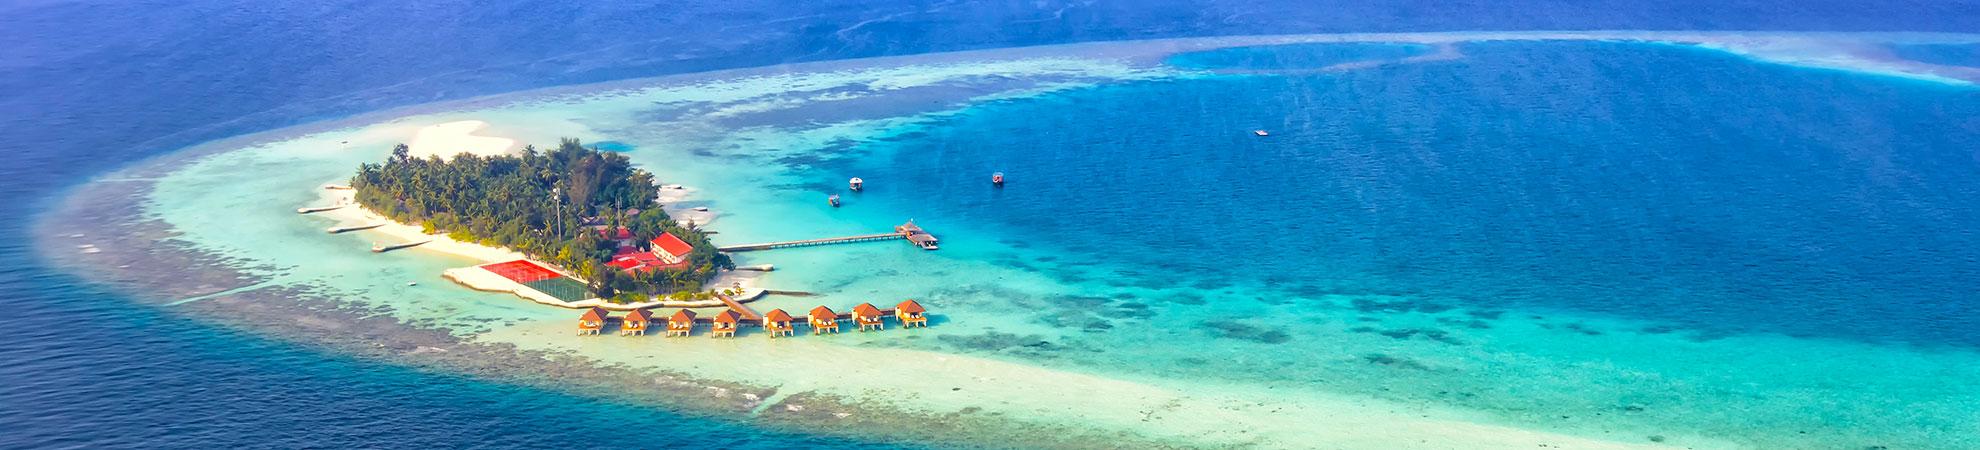 Circuit aux Maldives